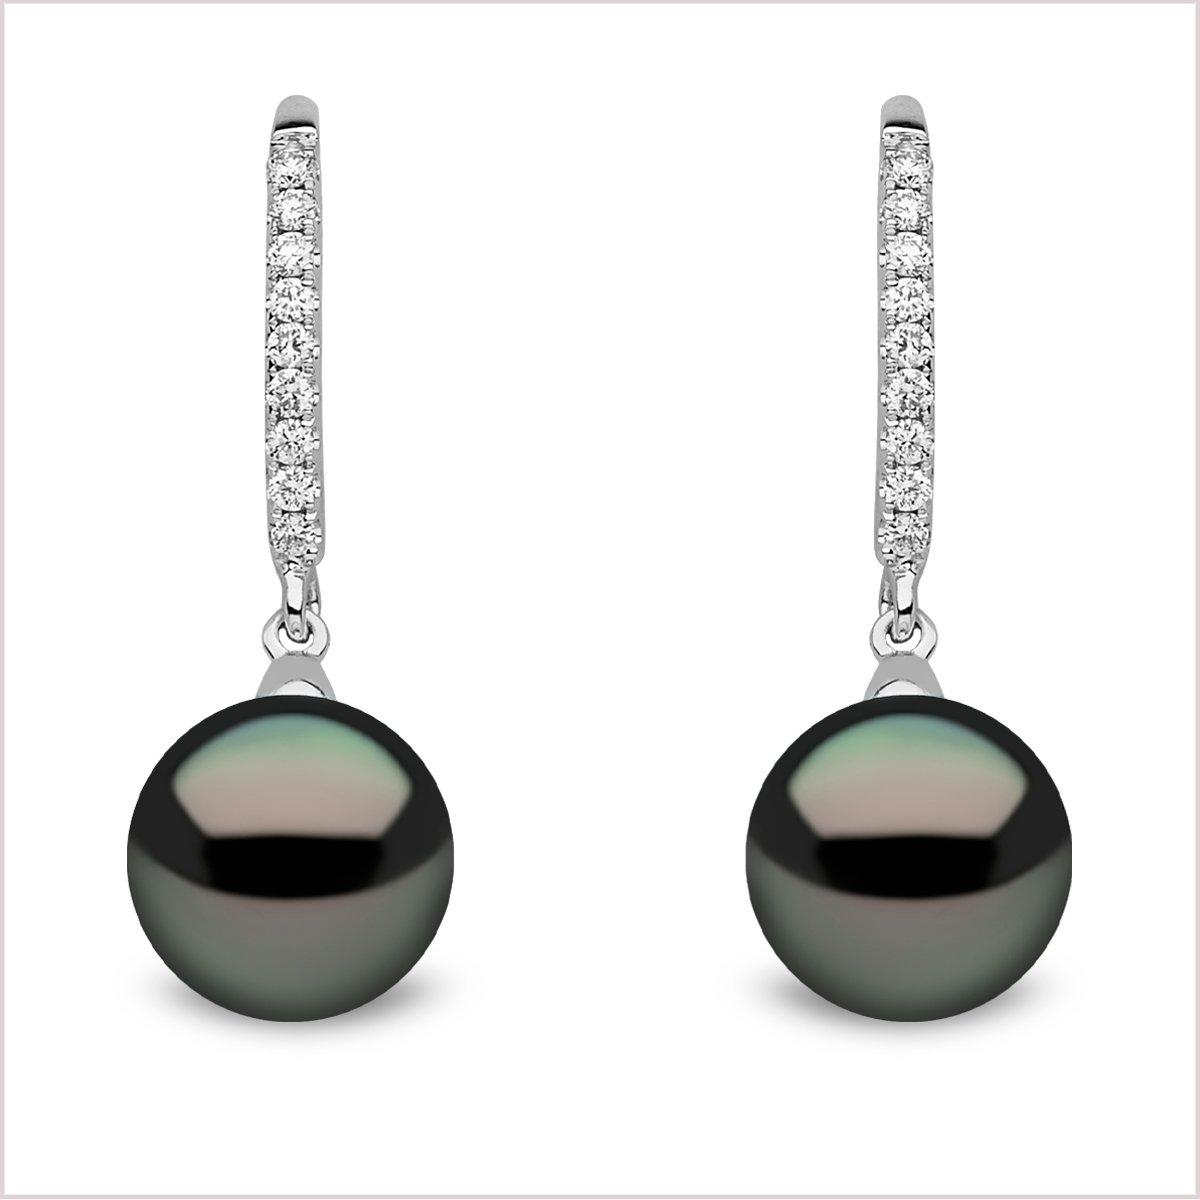 Yoko London Classic Tahitian Pearl and Diamond Earrings